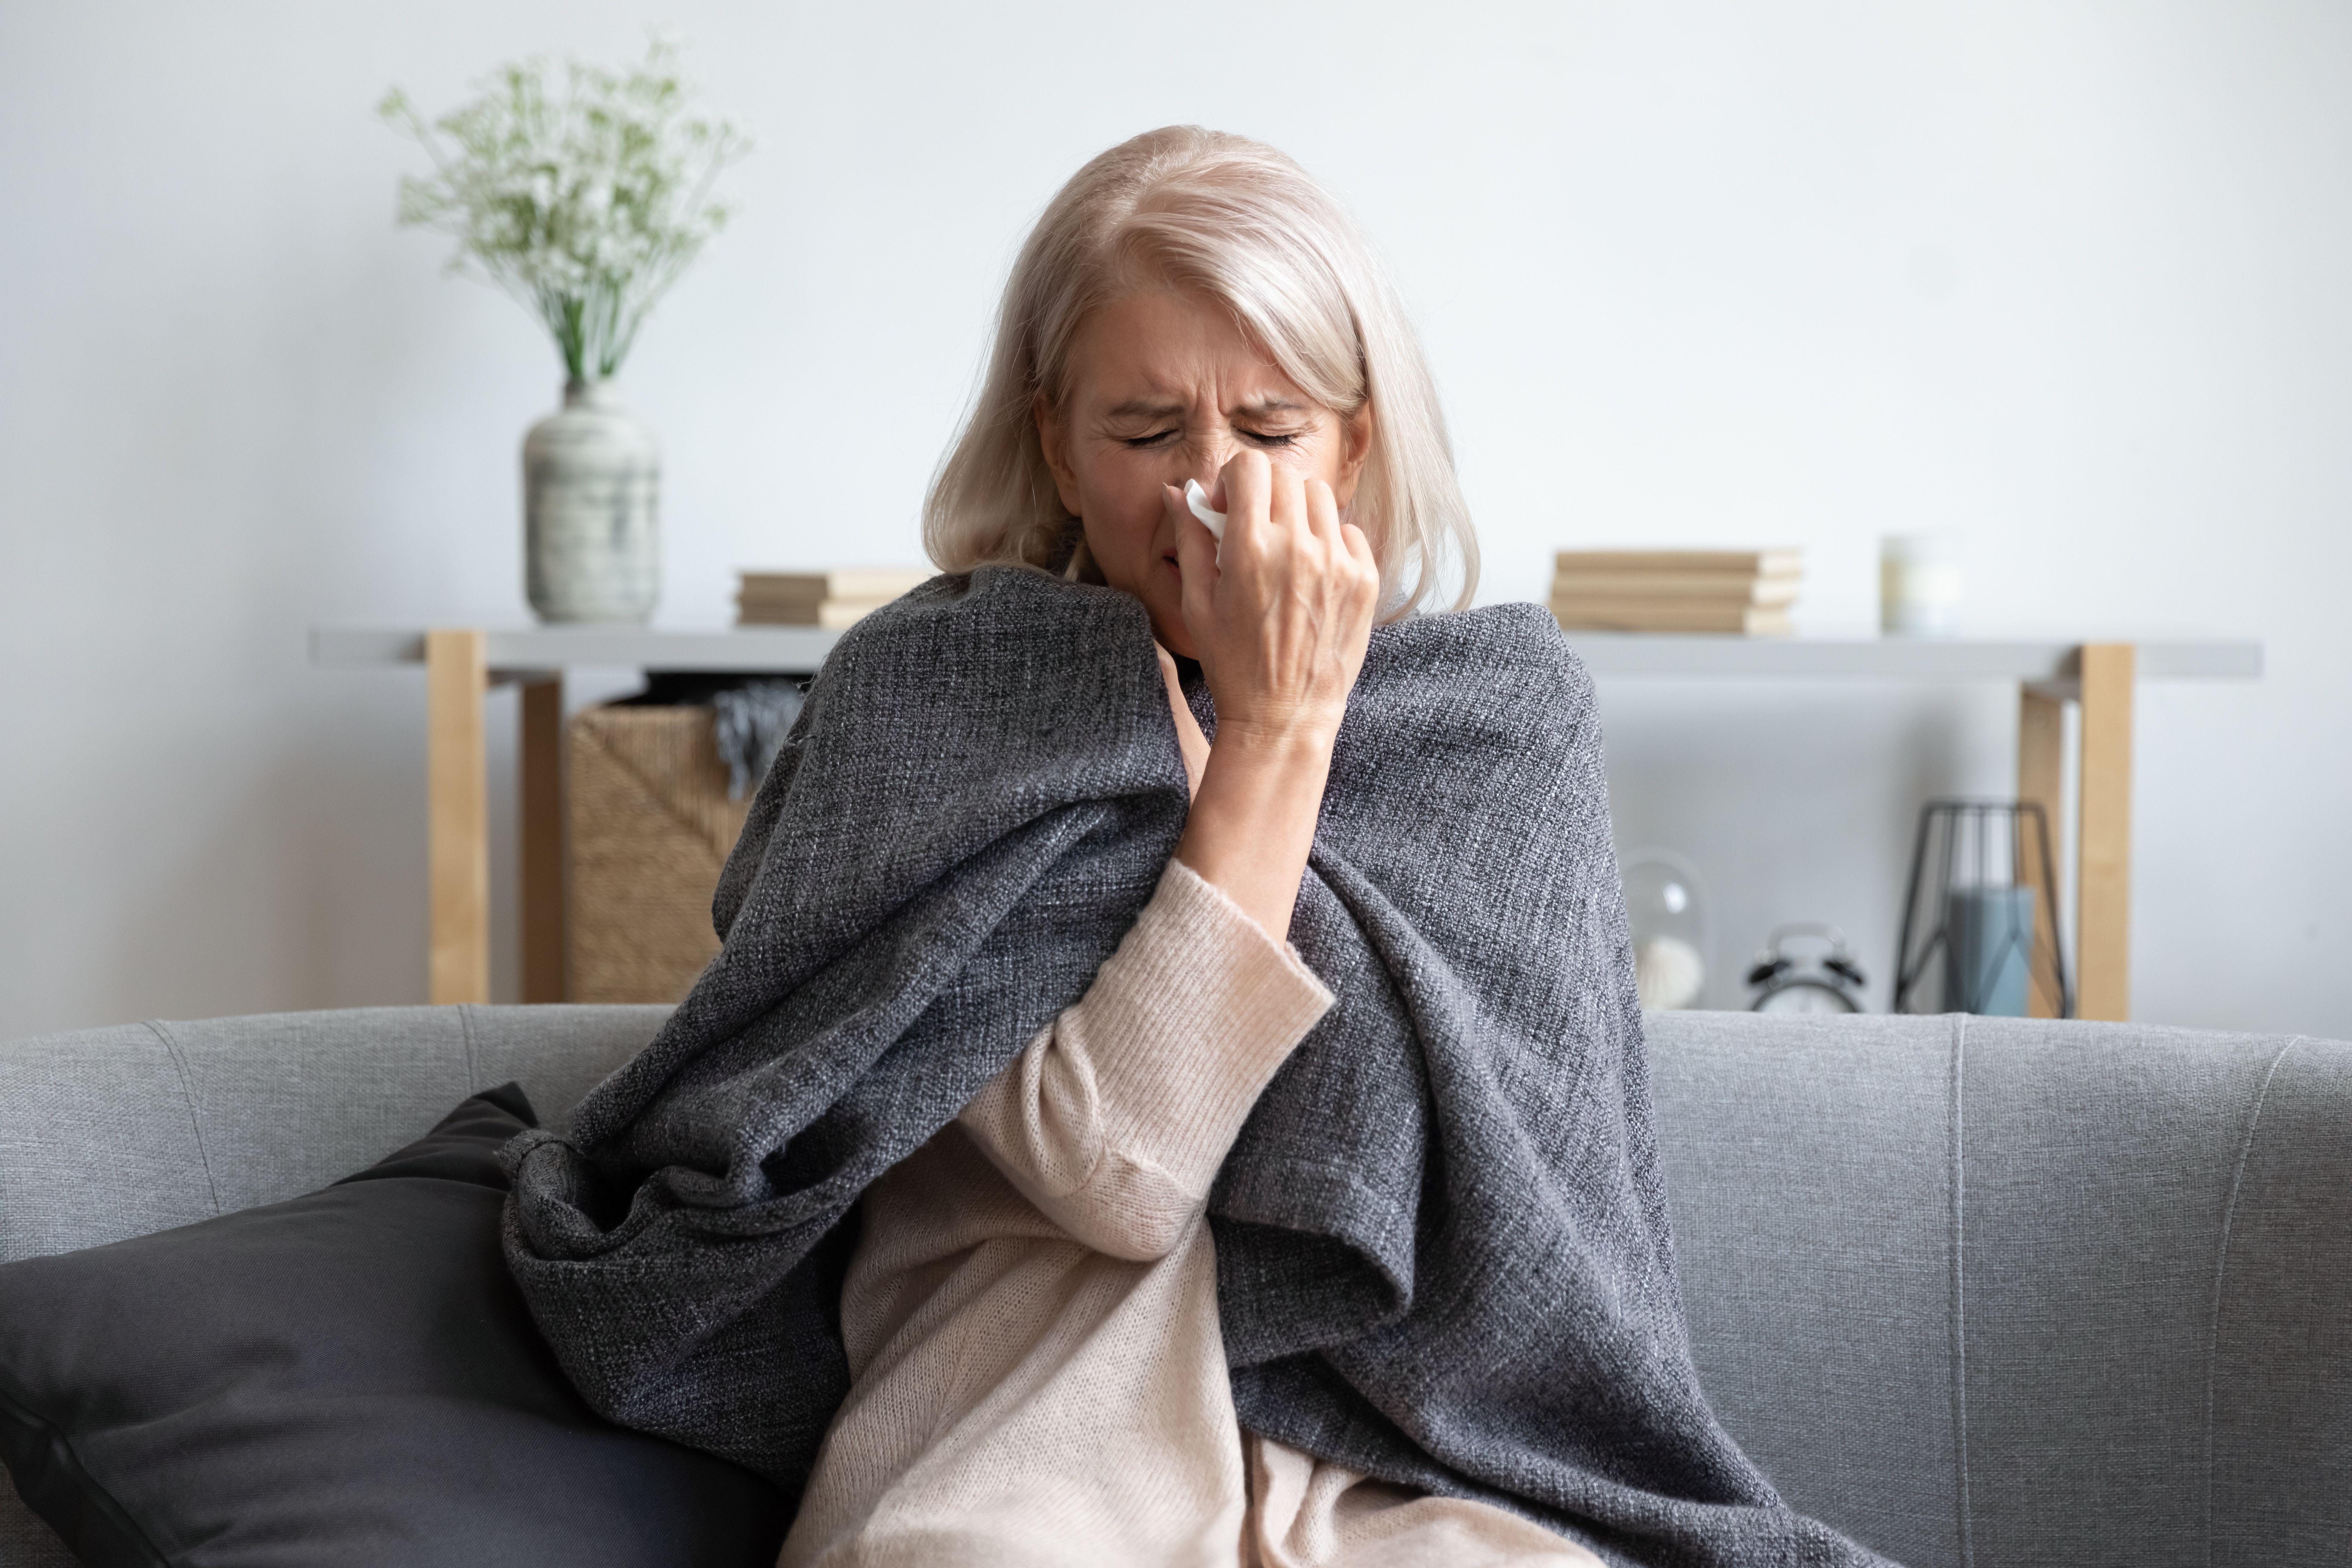 Saúde respiratória e o inverno: conheça os cuidados necessários